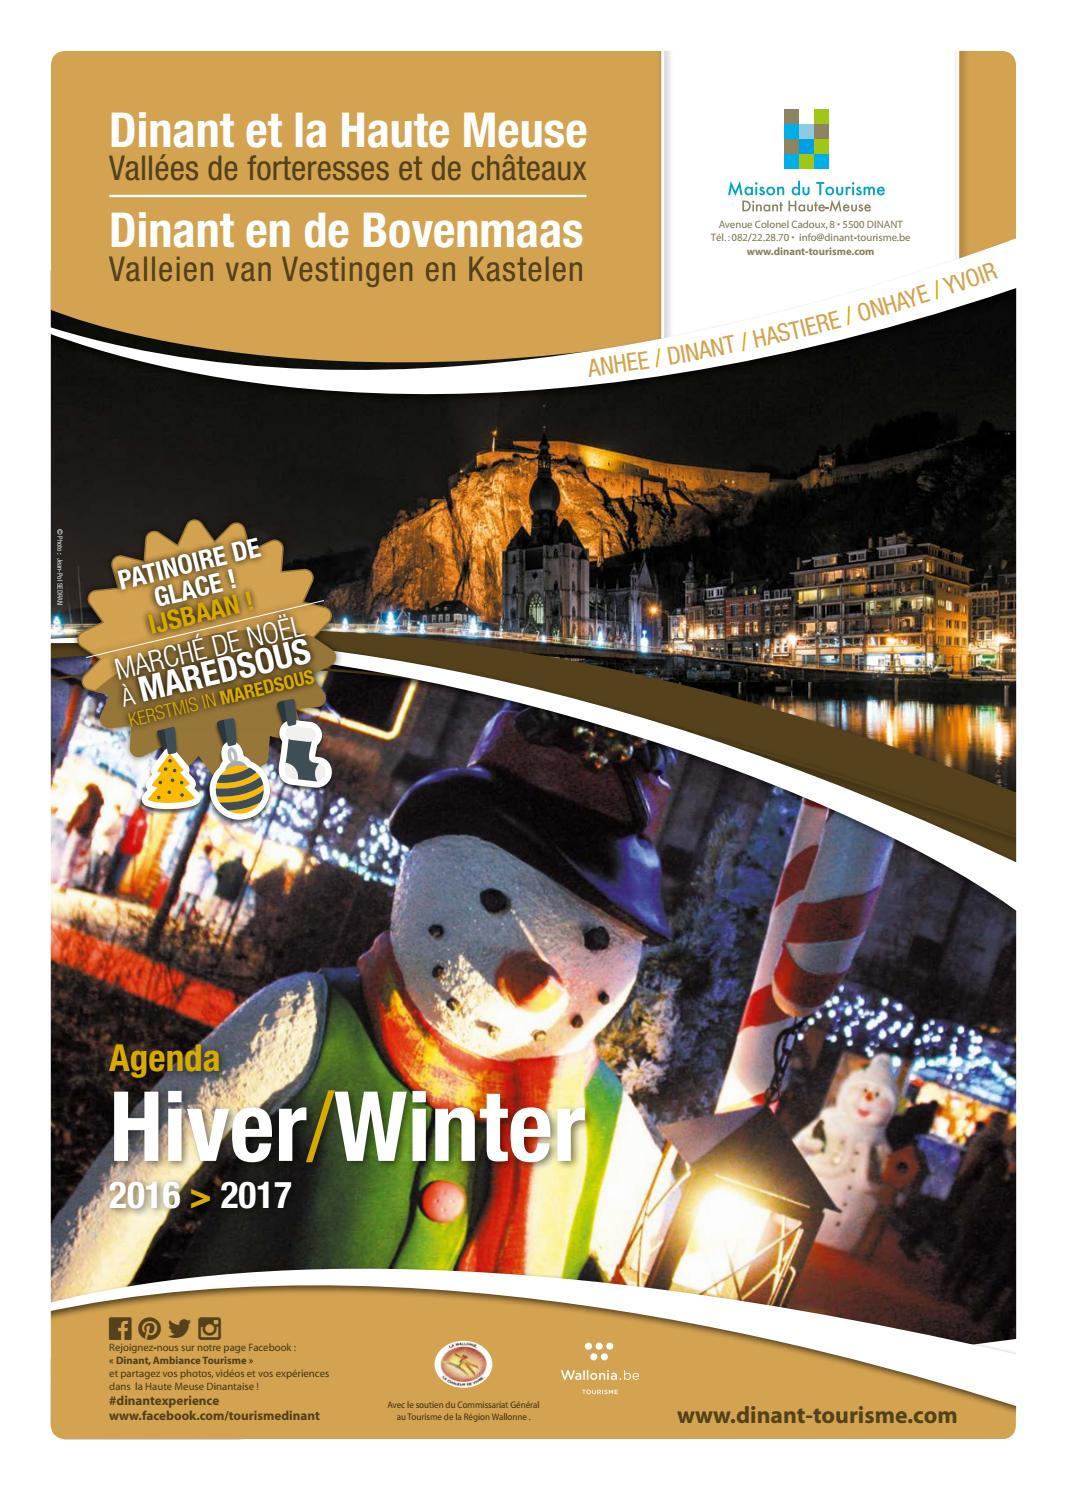 Dinant et la haute meuse en hiver by maison du tourisme issuu - Office du tourisme dinant ...